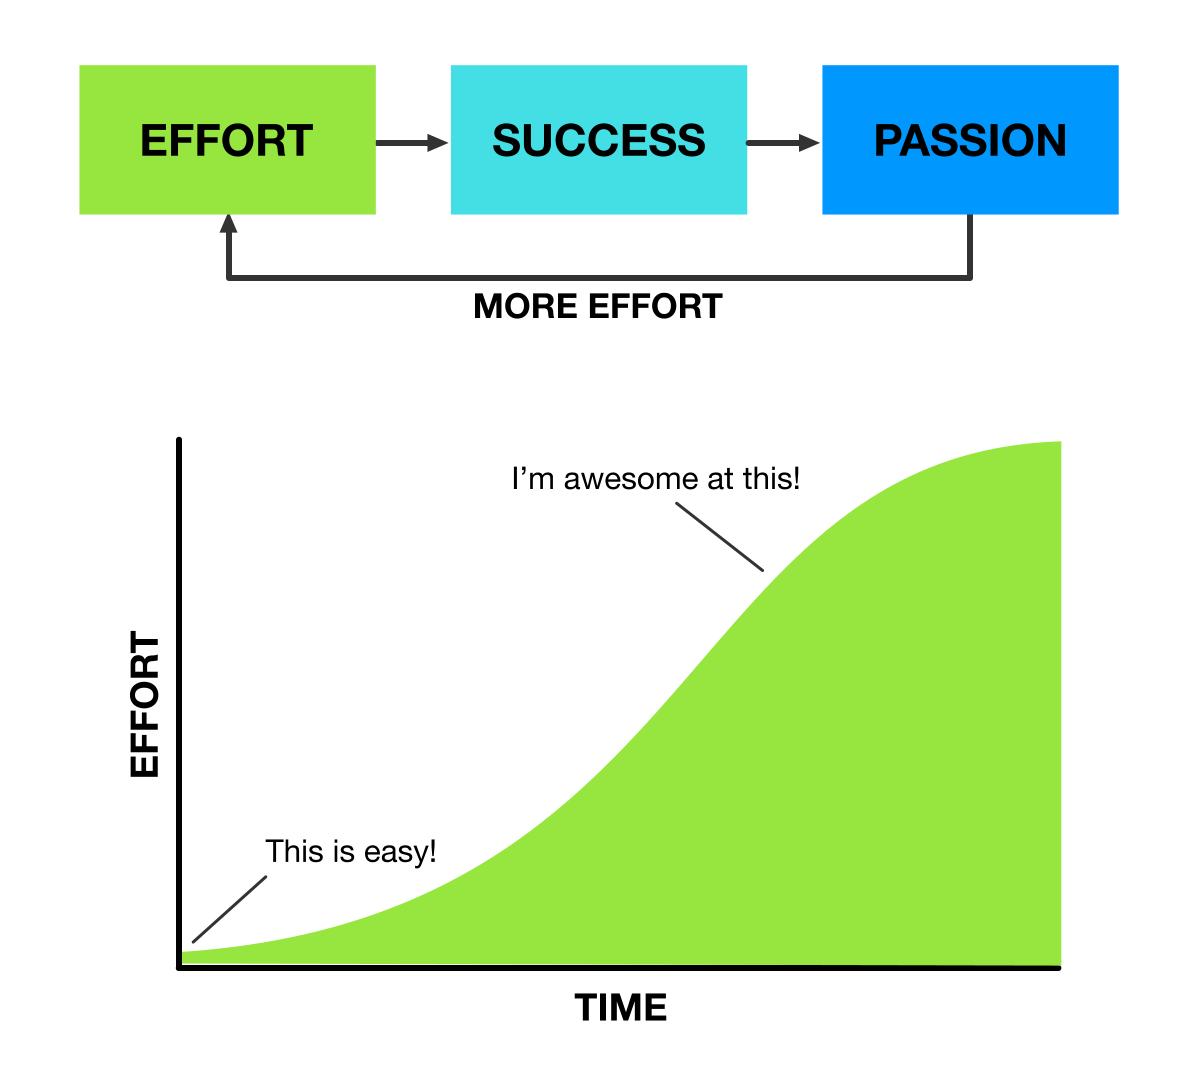 Effort over time